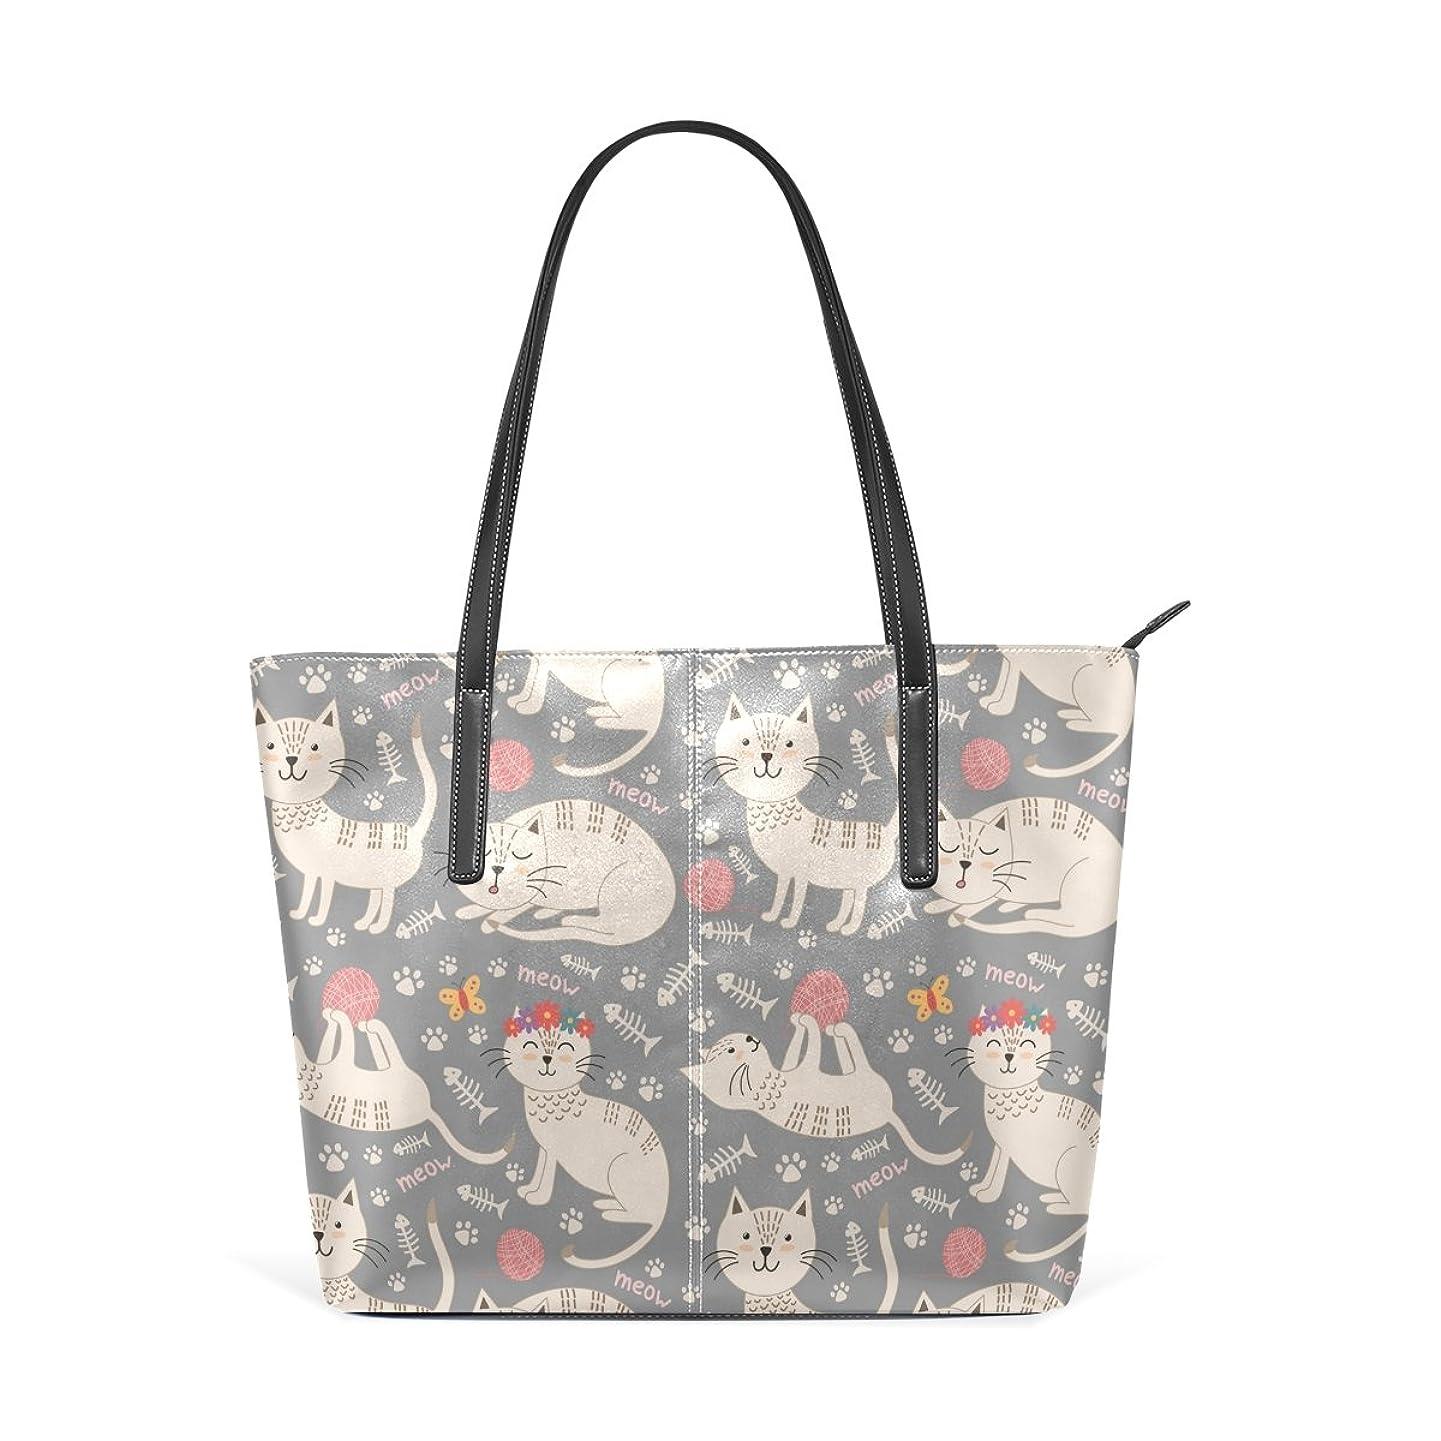 解決大工物語バララ(La Rose) トートバッグ レディース PU レザー a4 通勤 通学 肩掛け 大容量 かわいい ねこ 猫柄 ハンドバッグ 高校生 丈夫 軽量 2way ファスナー付き ママかばん 手提げバッグ ビジネスバッグ